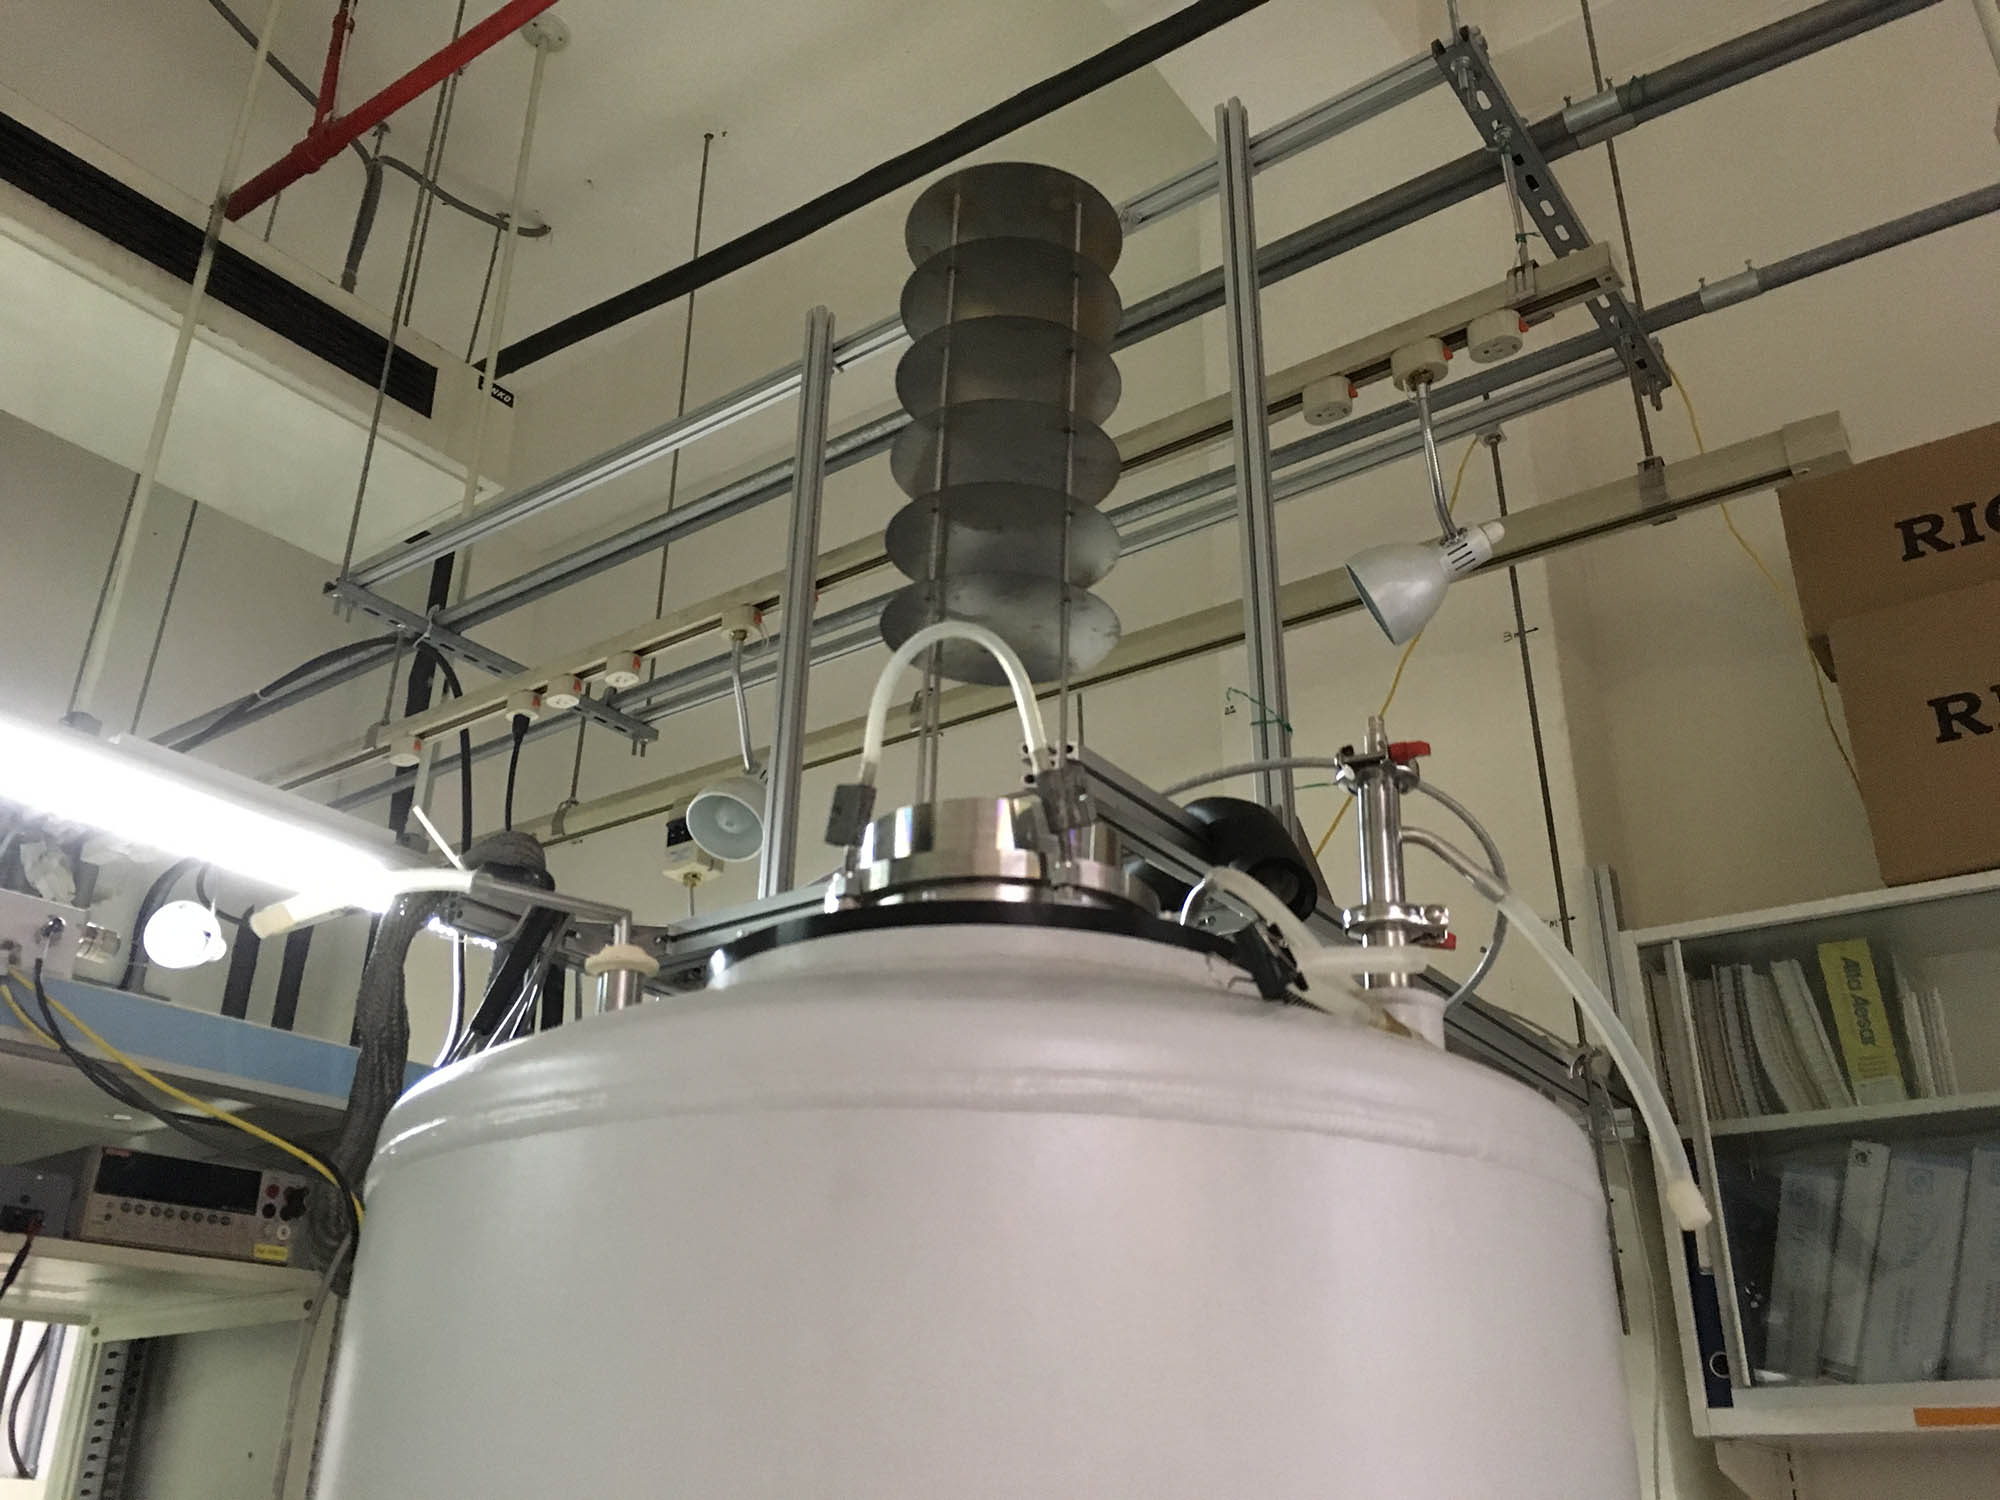 液態氮與液態氦容器的真空保溫容器。操作時「稀釋冷凍機」是由上方置入,外圍的液態氦與液態氮可以隔絕室溫熱輻射,並提供 4.2K 的溫度。 攝影│張語辰